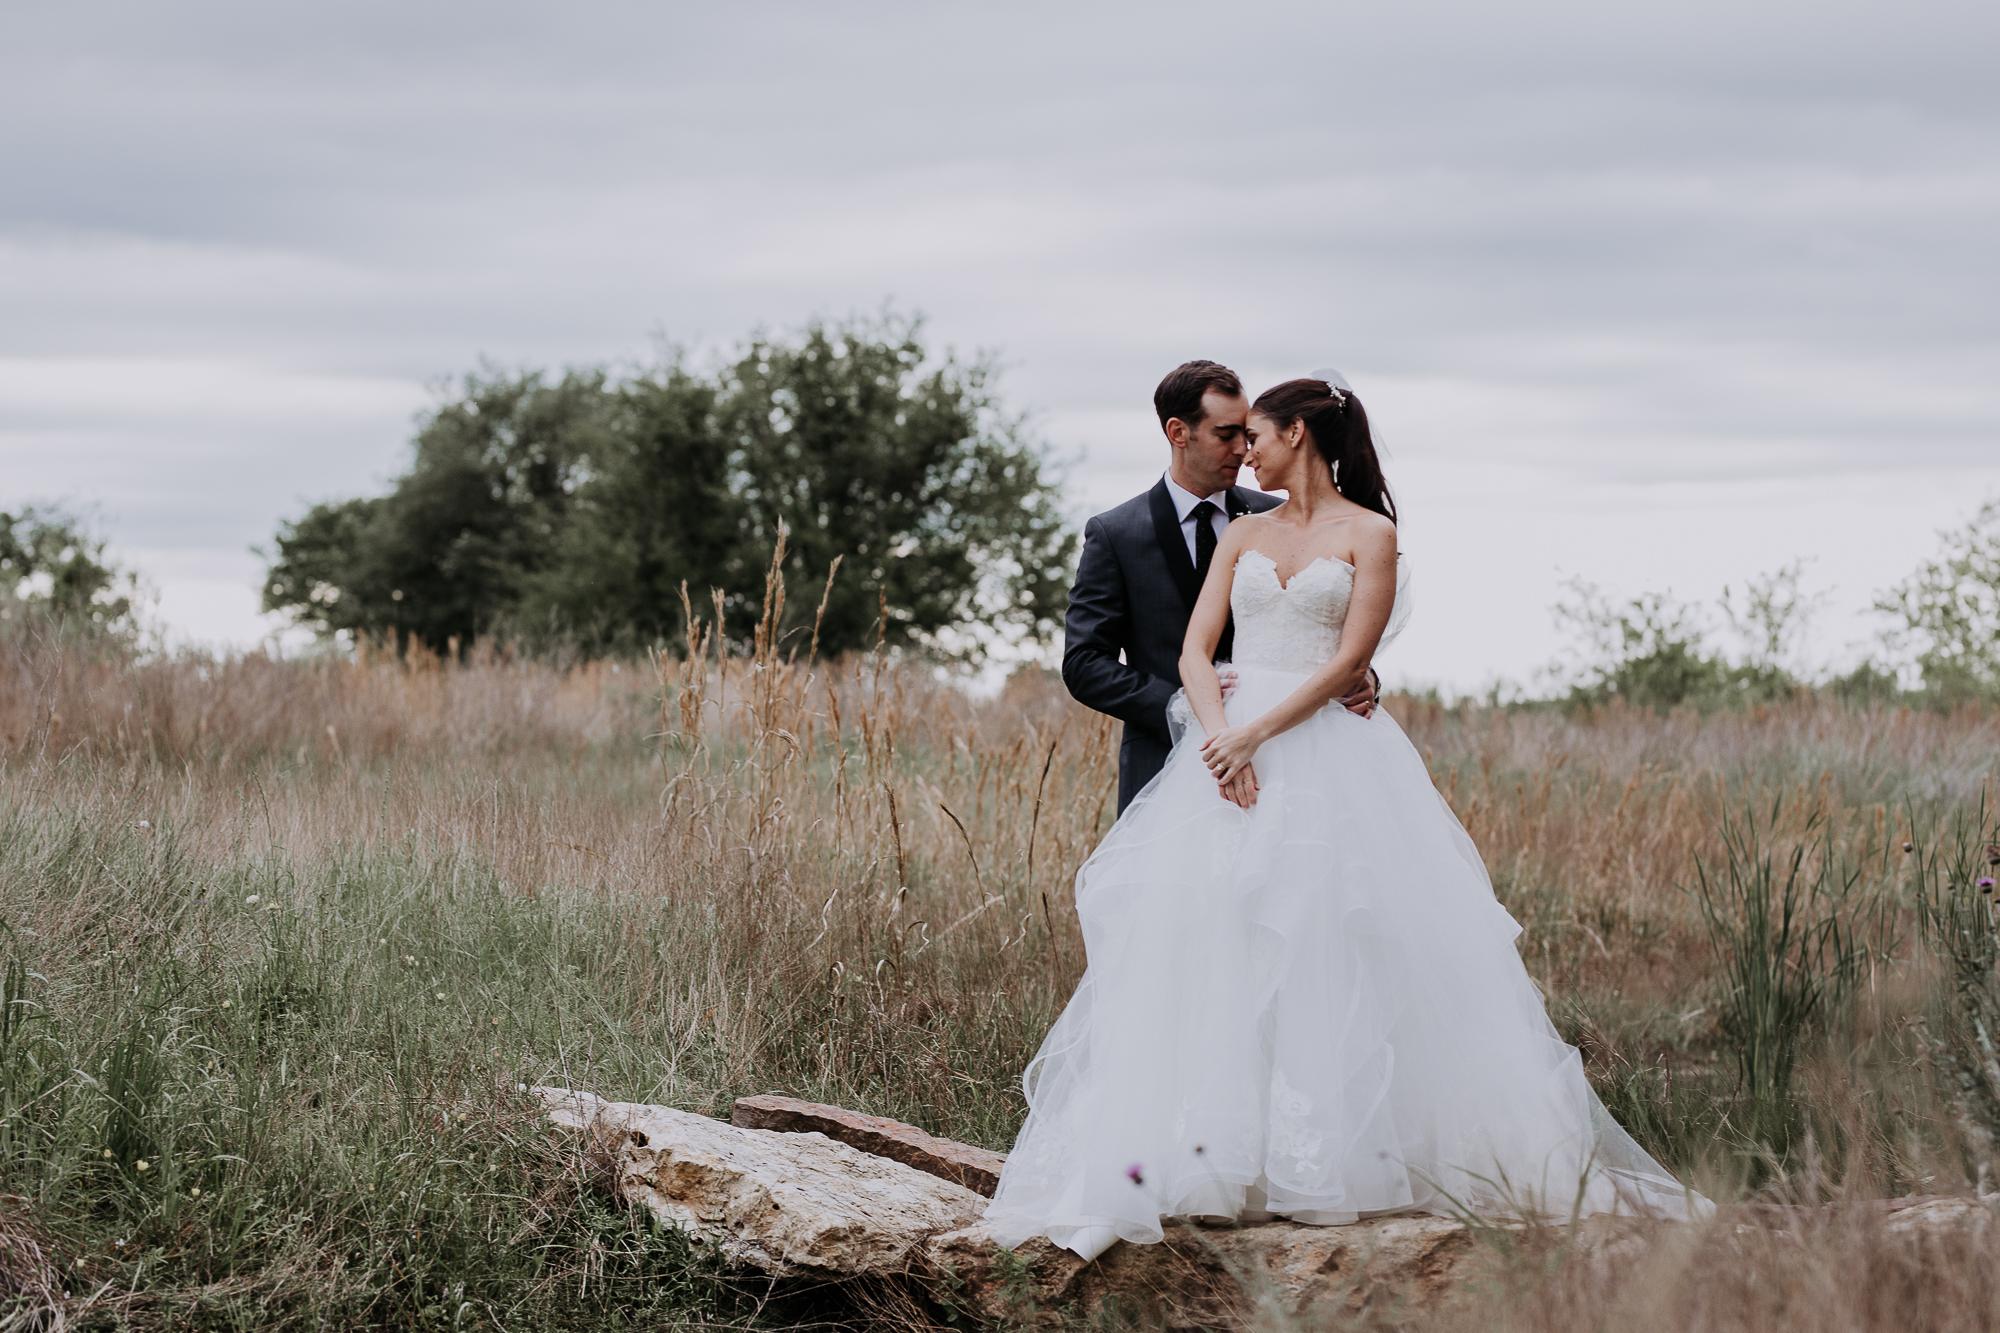 Rachel+Kenny_Married_Blog_0140.jpg